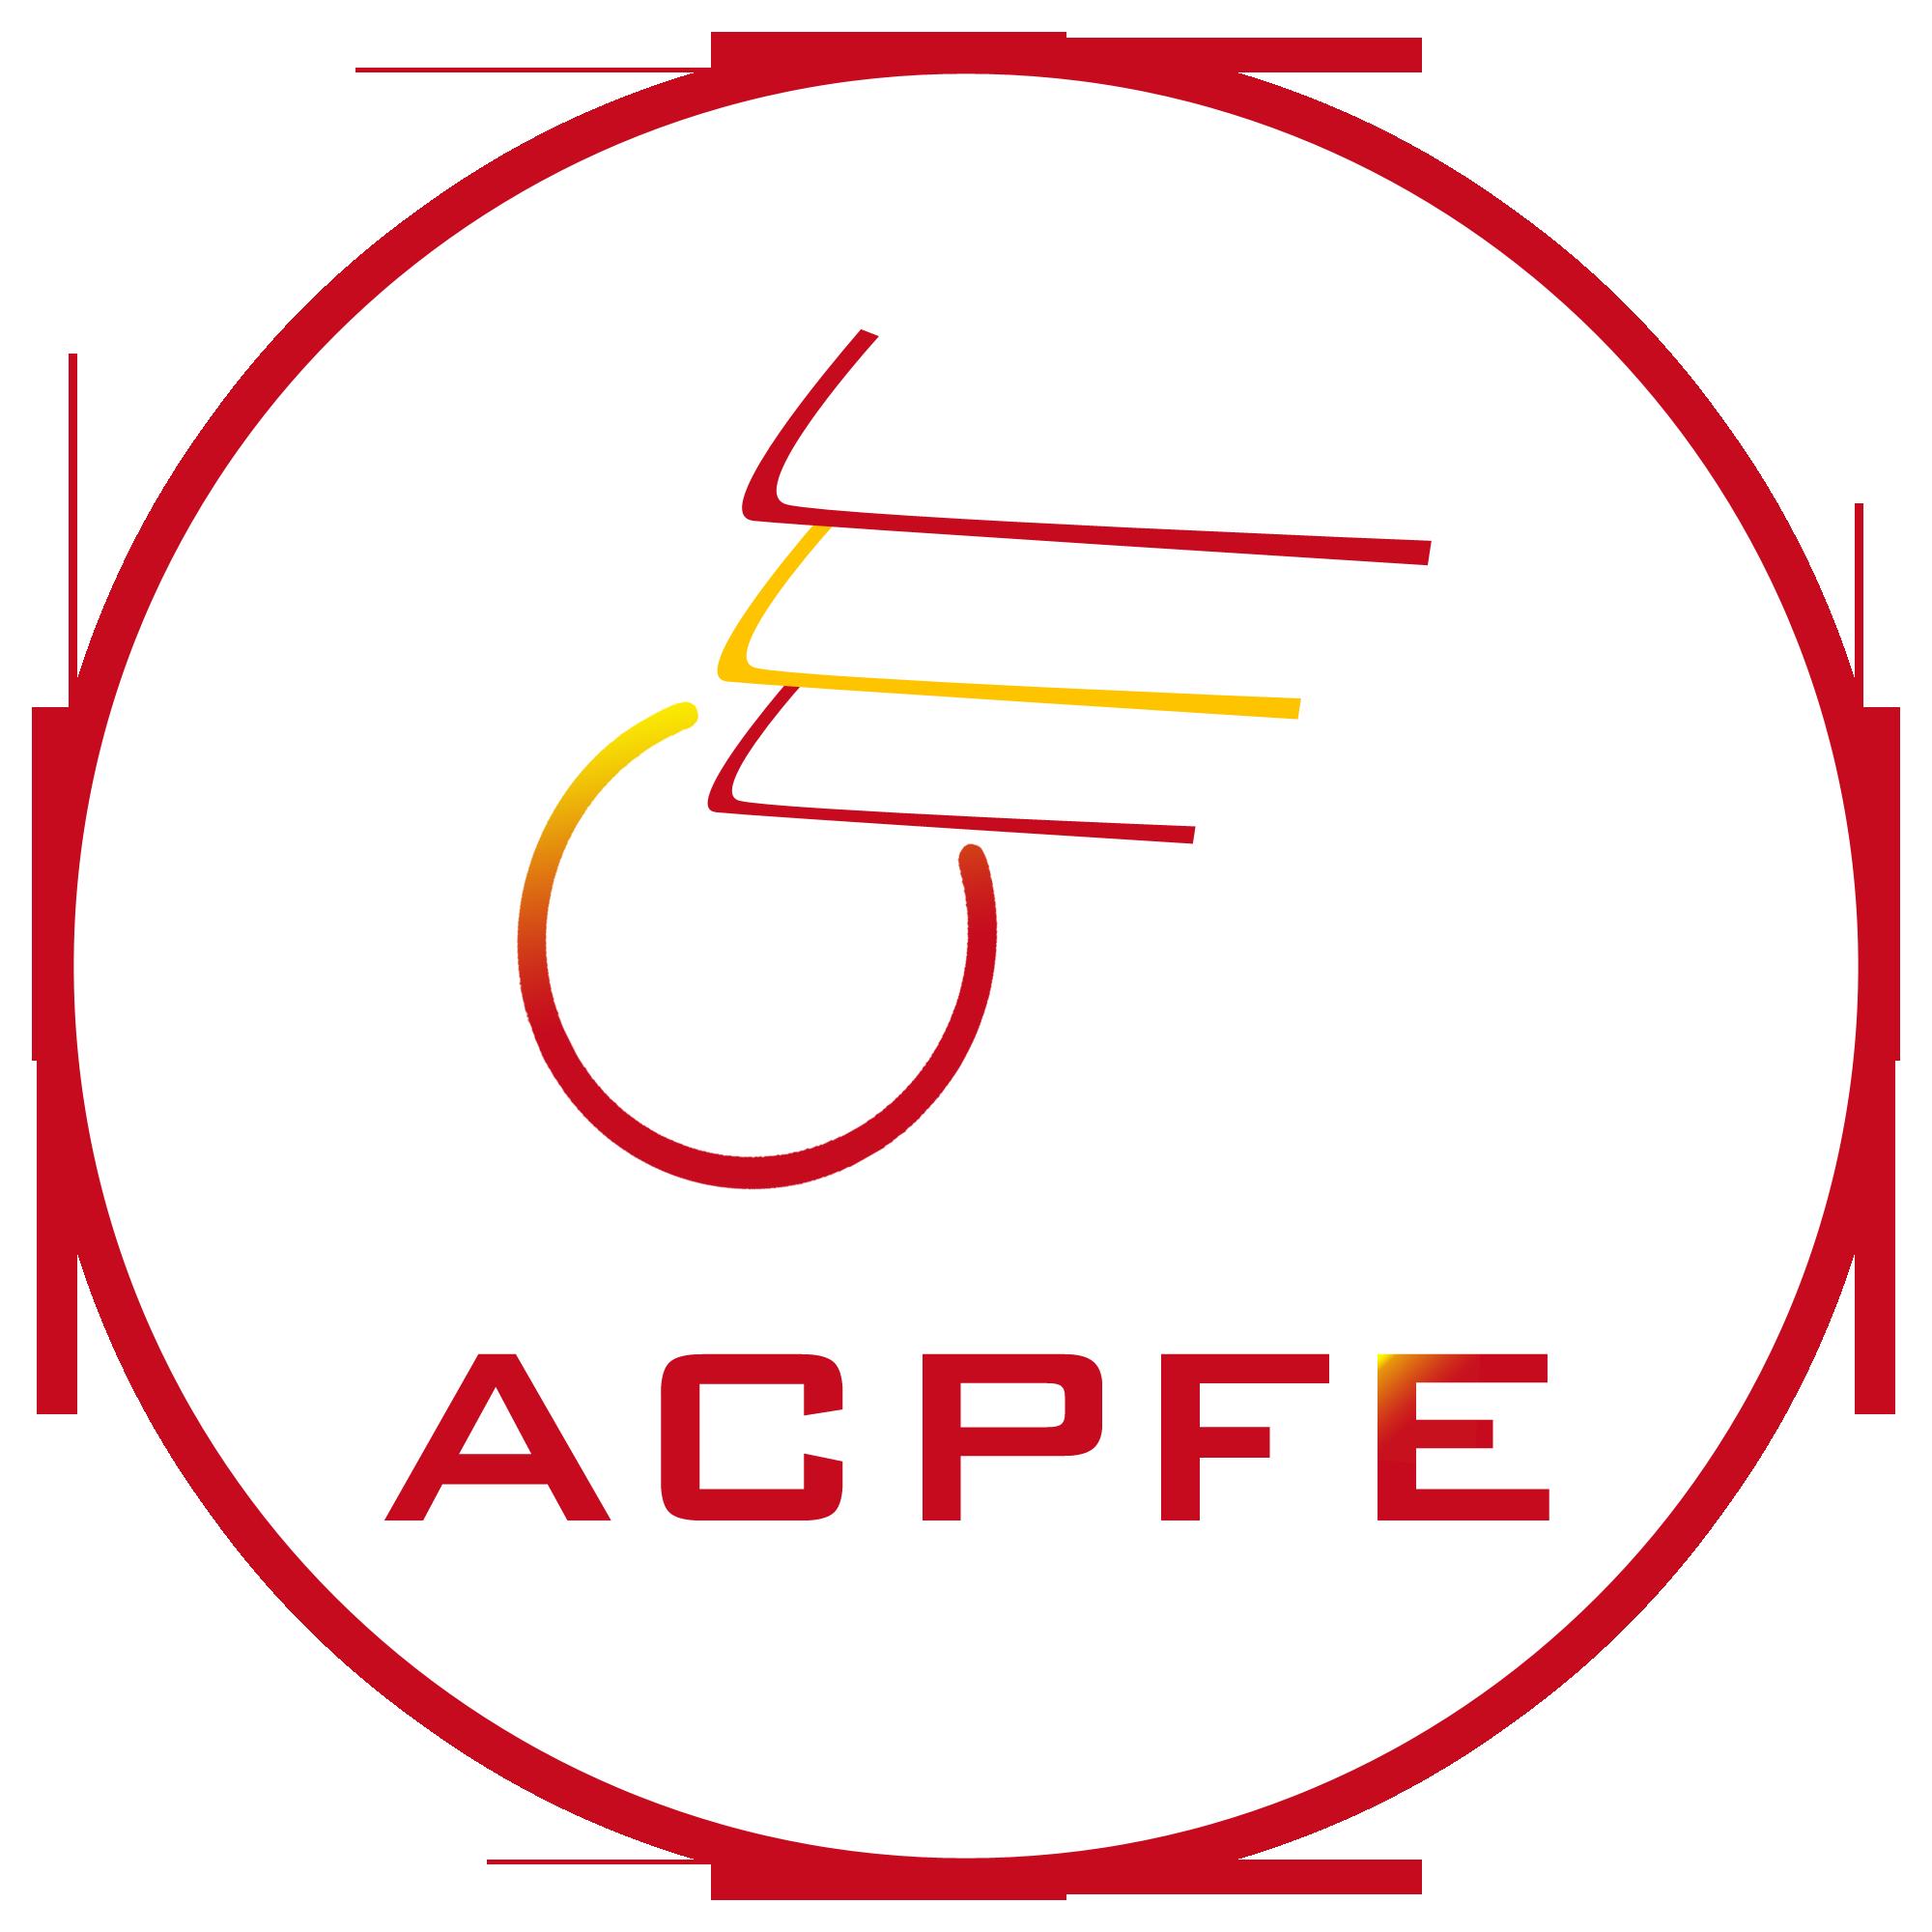 ACPFE